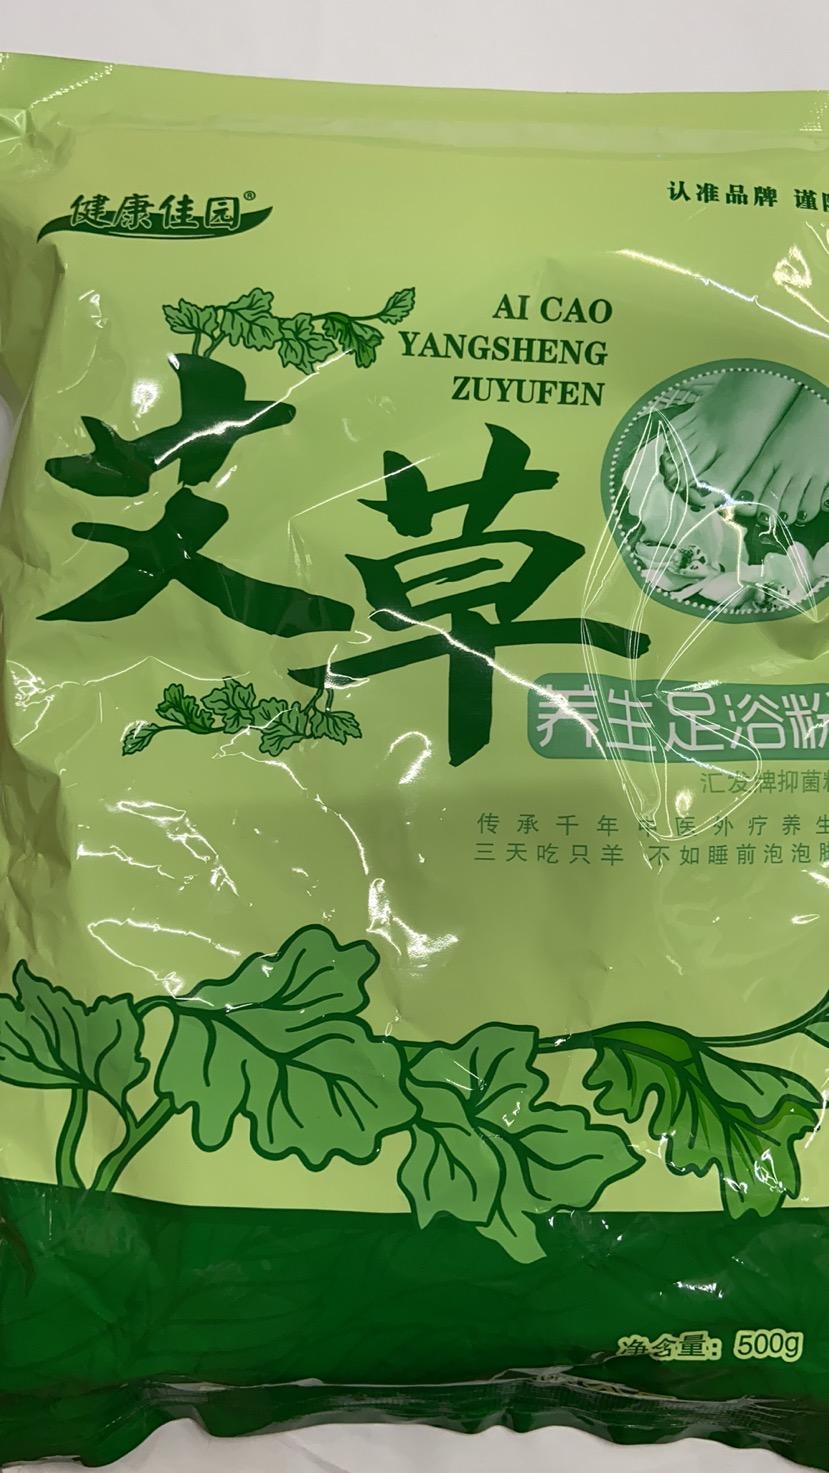 健康家园艾草养生足浴粉